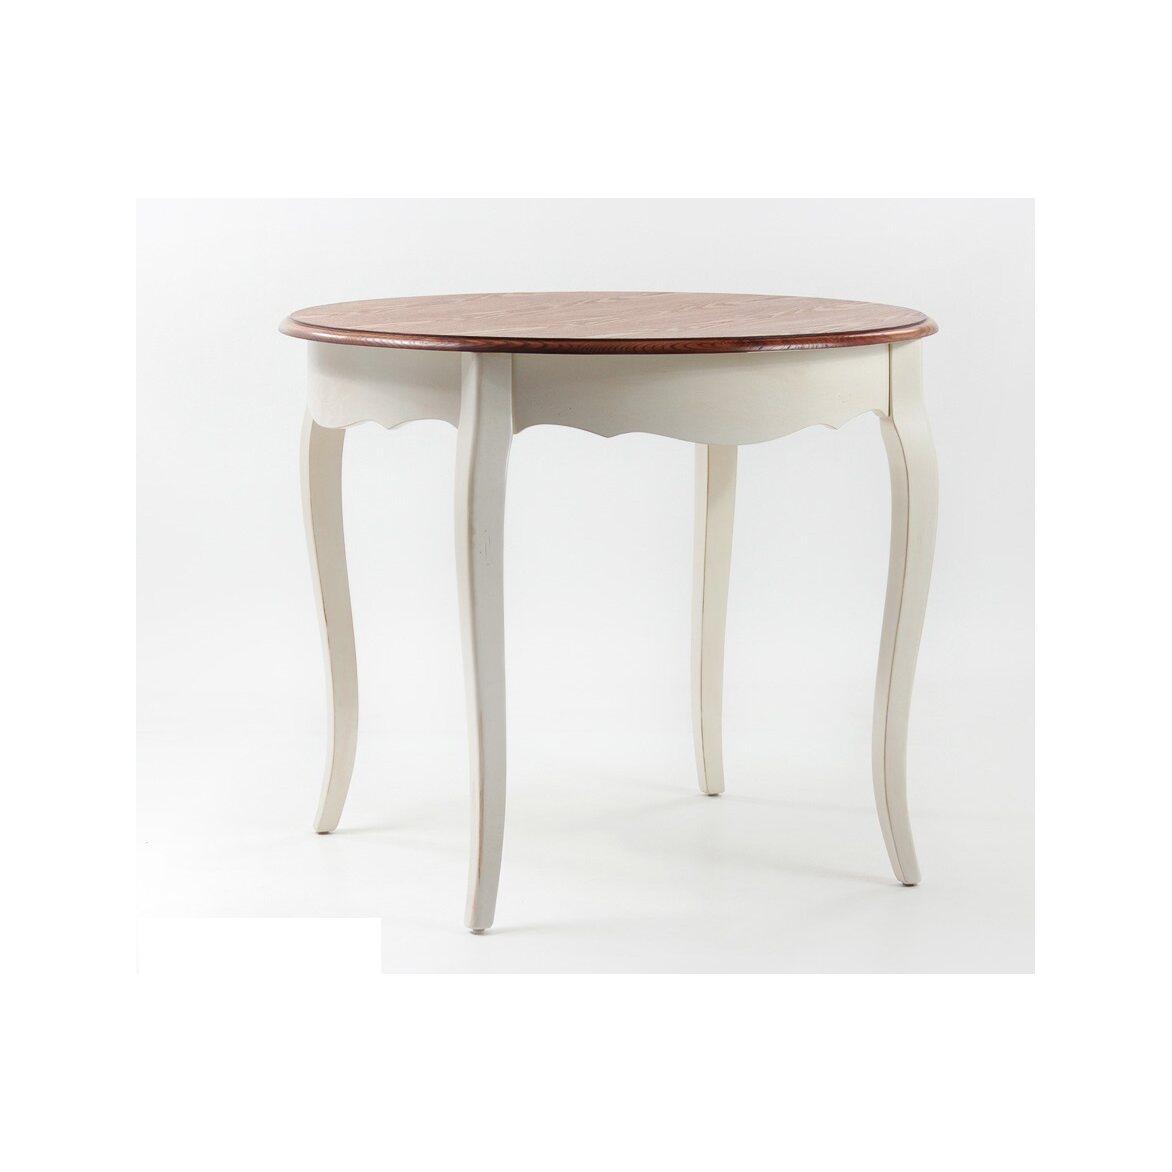 Круглый обеденный стол (большой) Leontina, бежевого цвета | Обеденные столы Kingsby